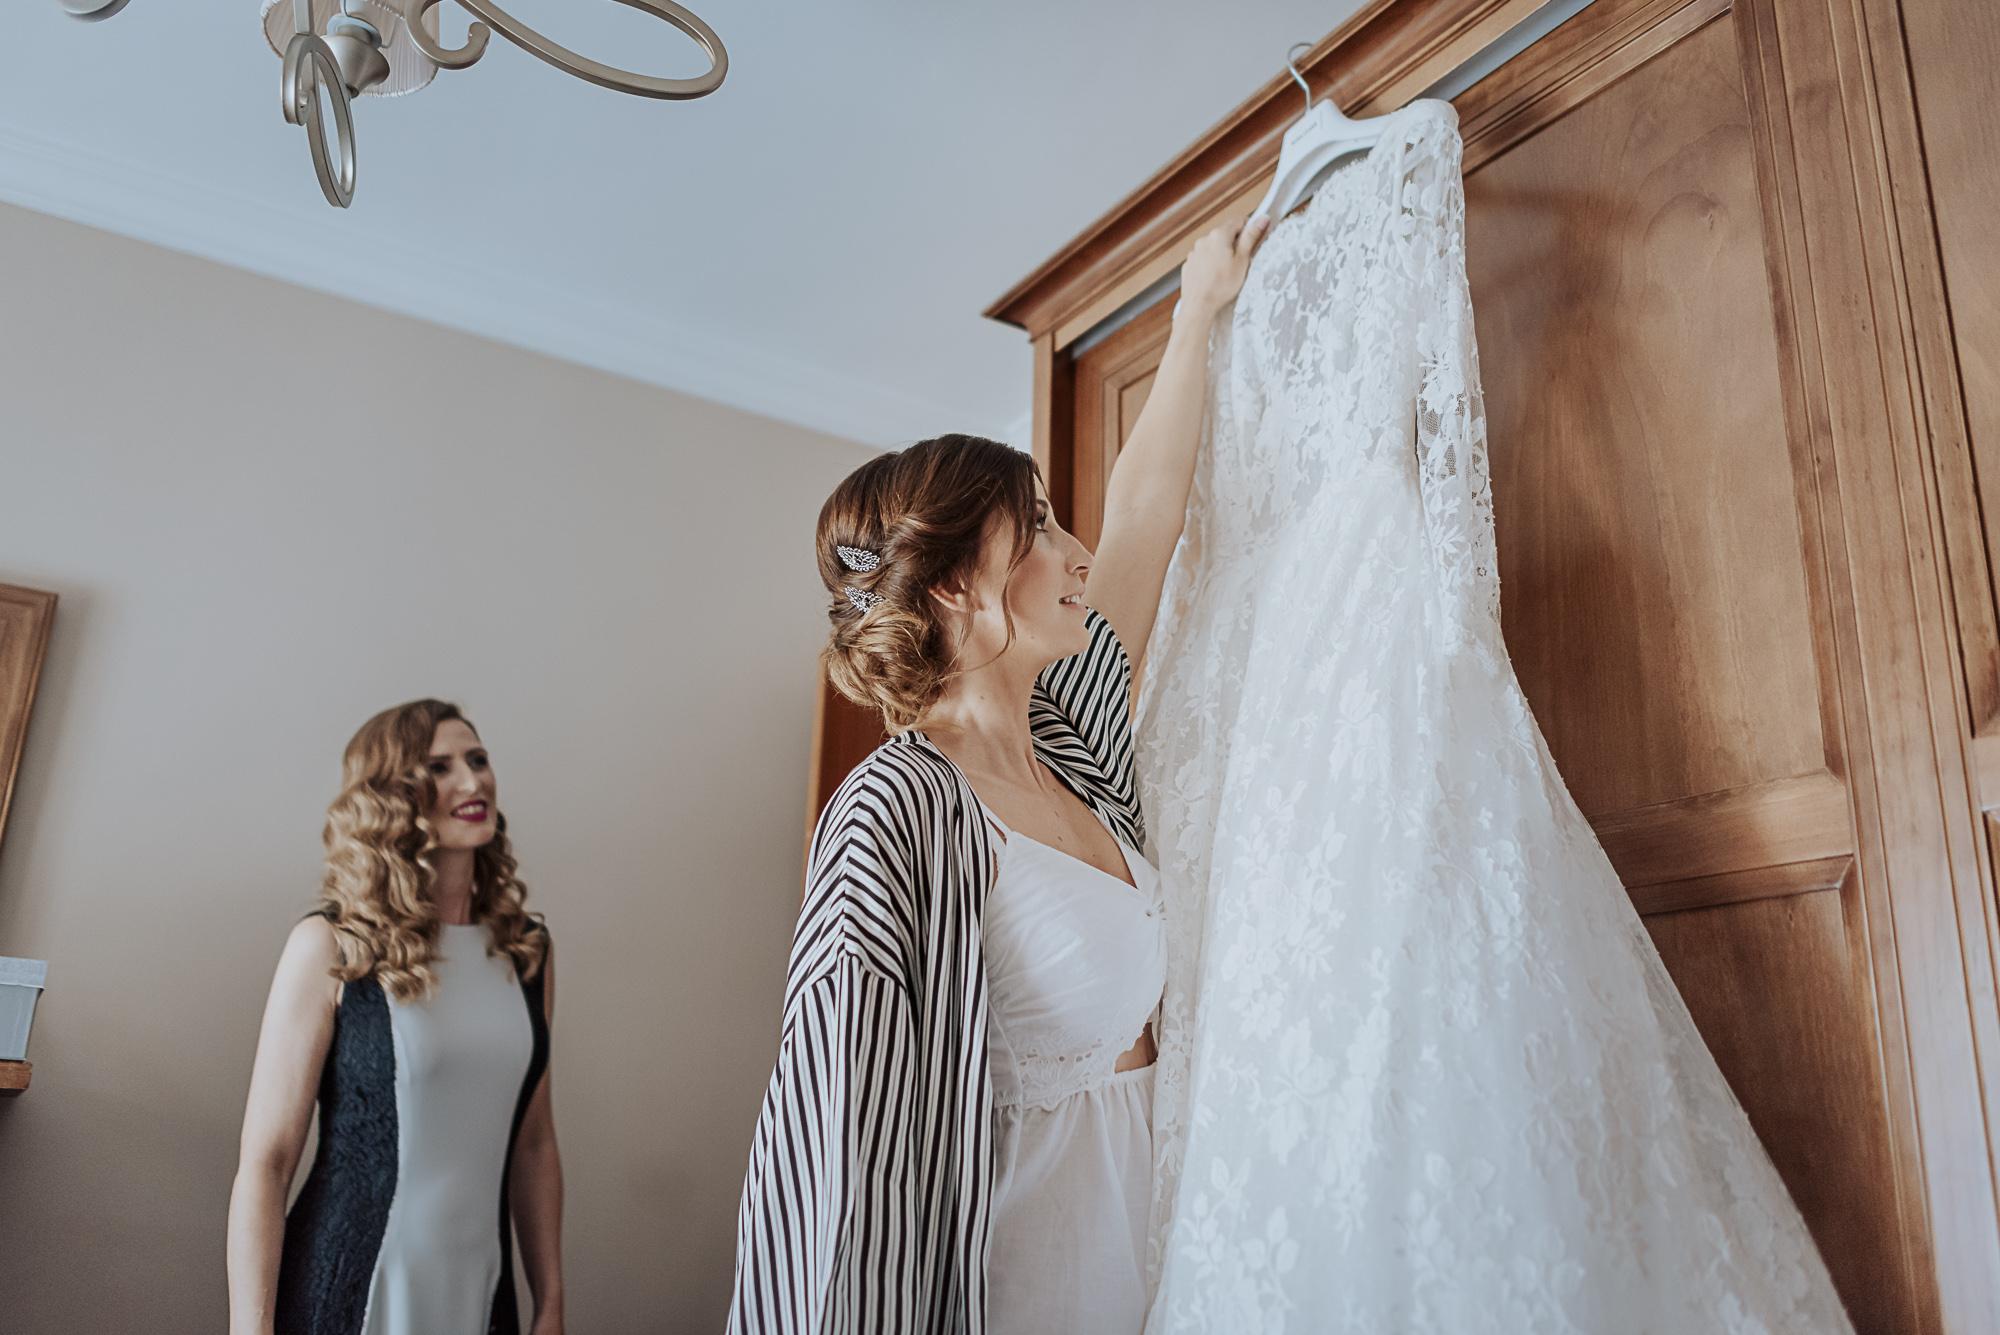 garatefotografia-fotografo-de-boda-en-Granada (41)